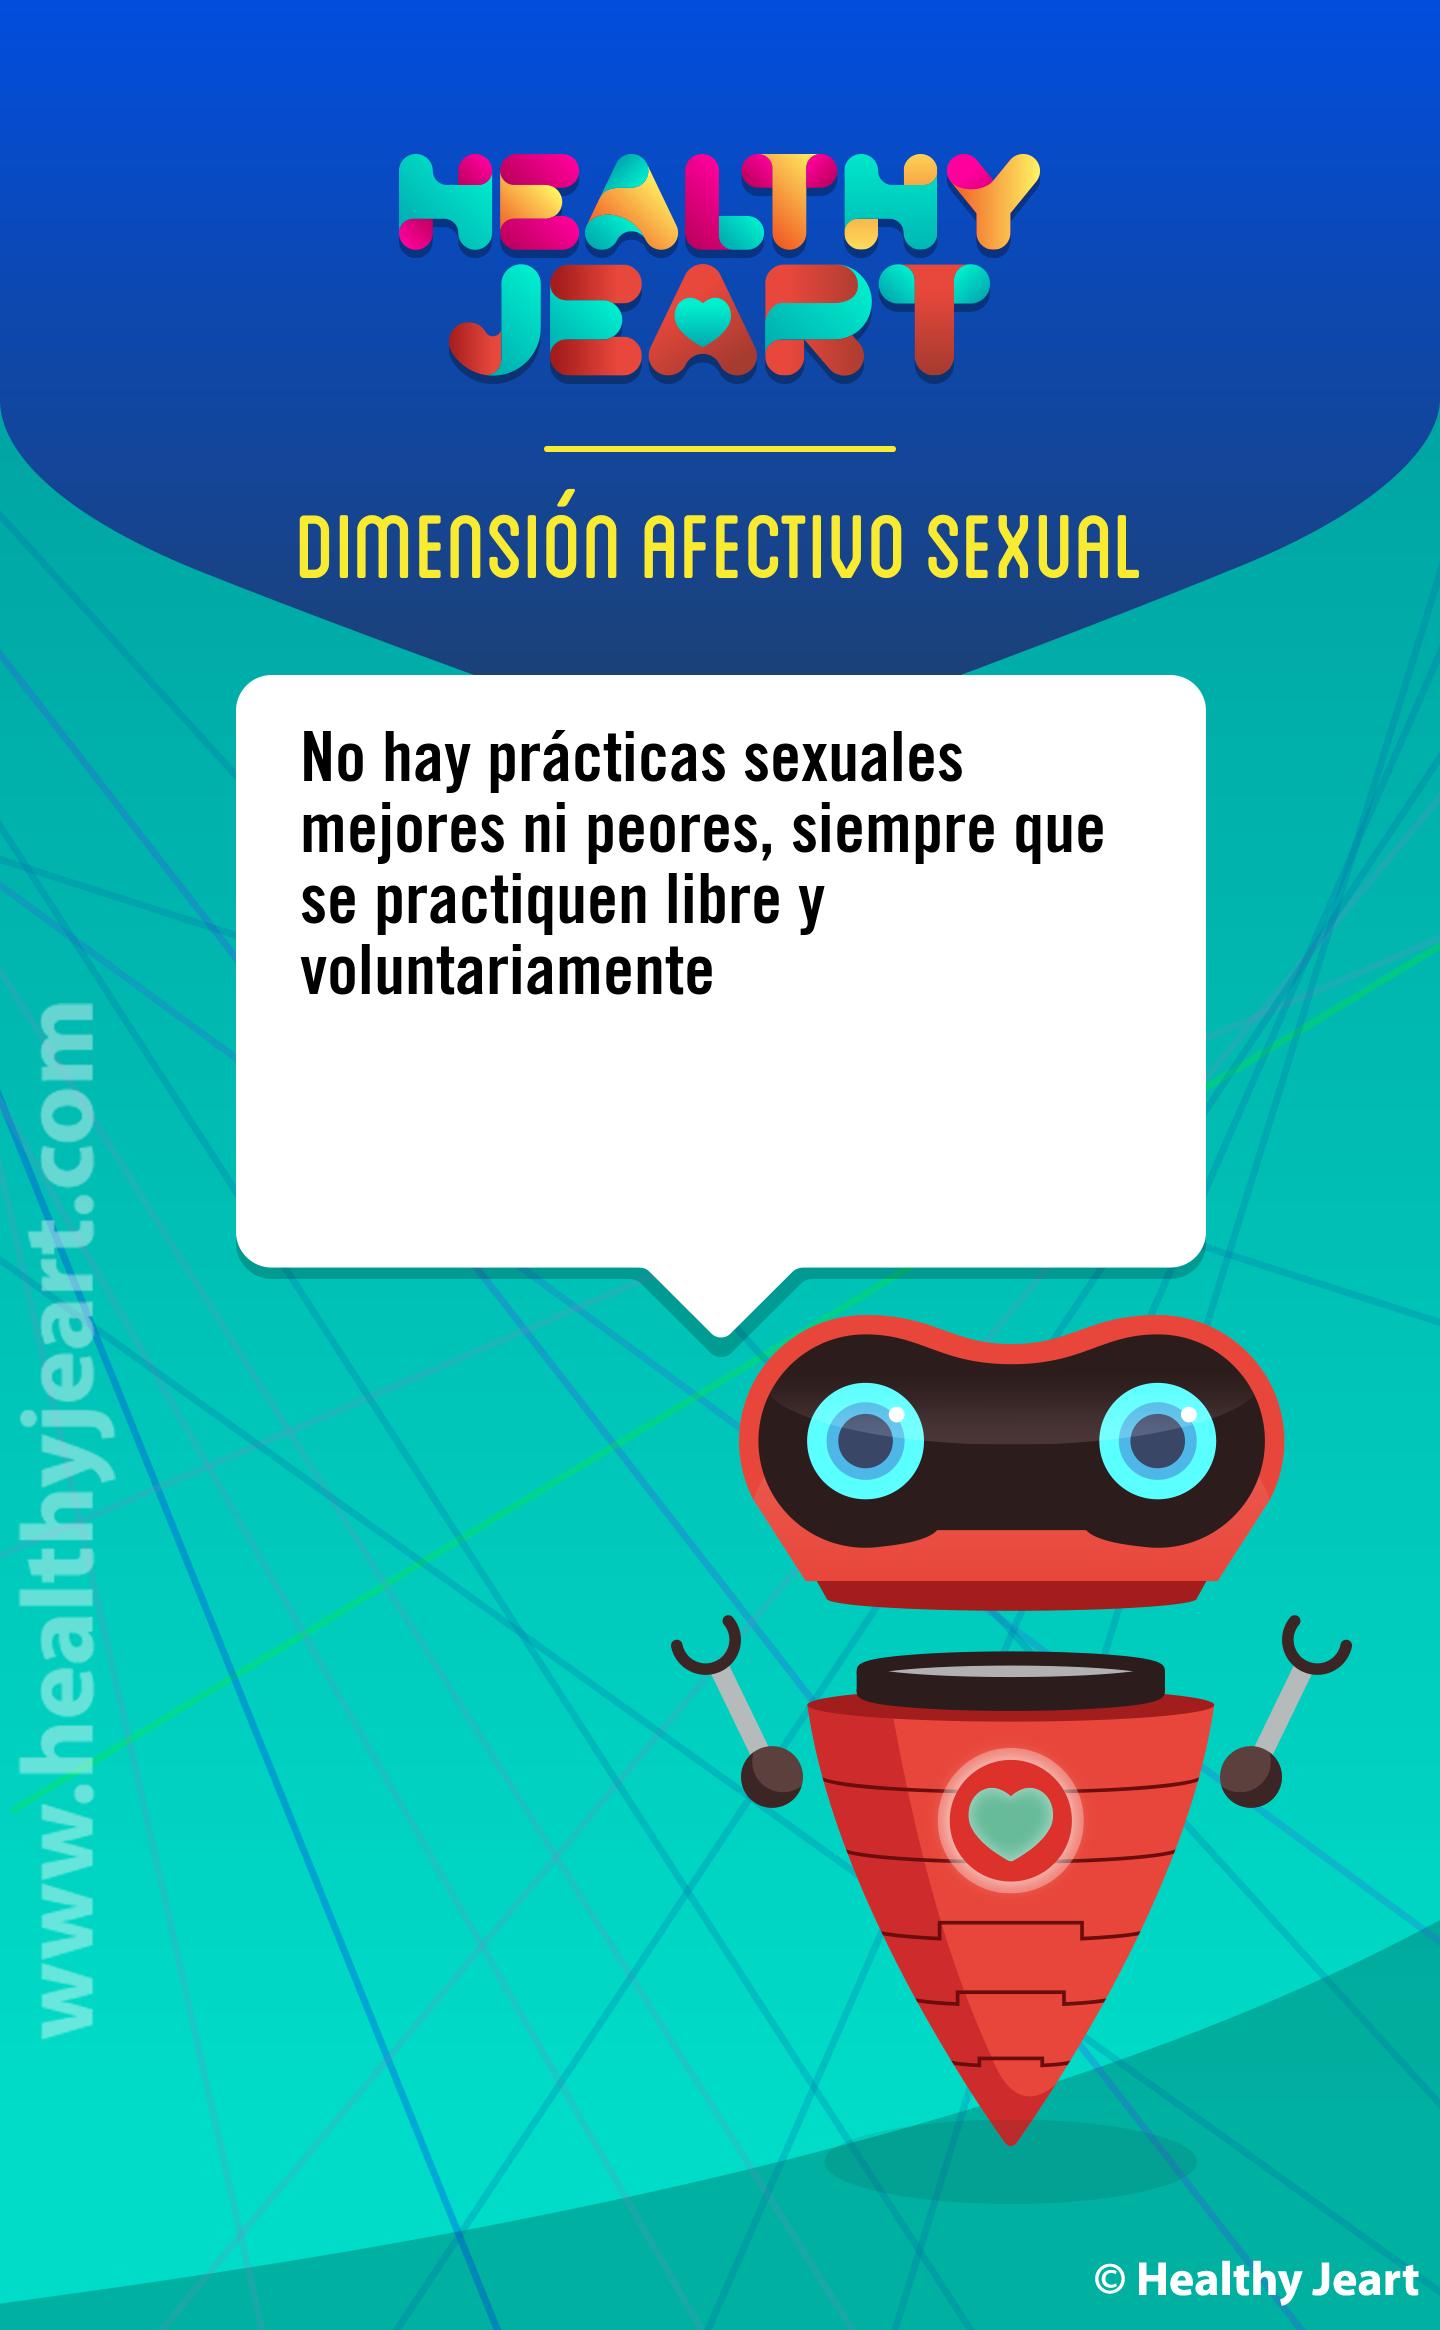 No hay prácticas sexuales mejores ni peores, siempre que se practiquen libre y voluntariamente